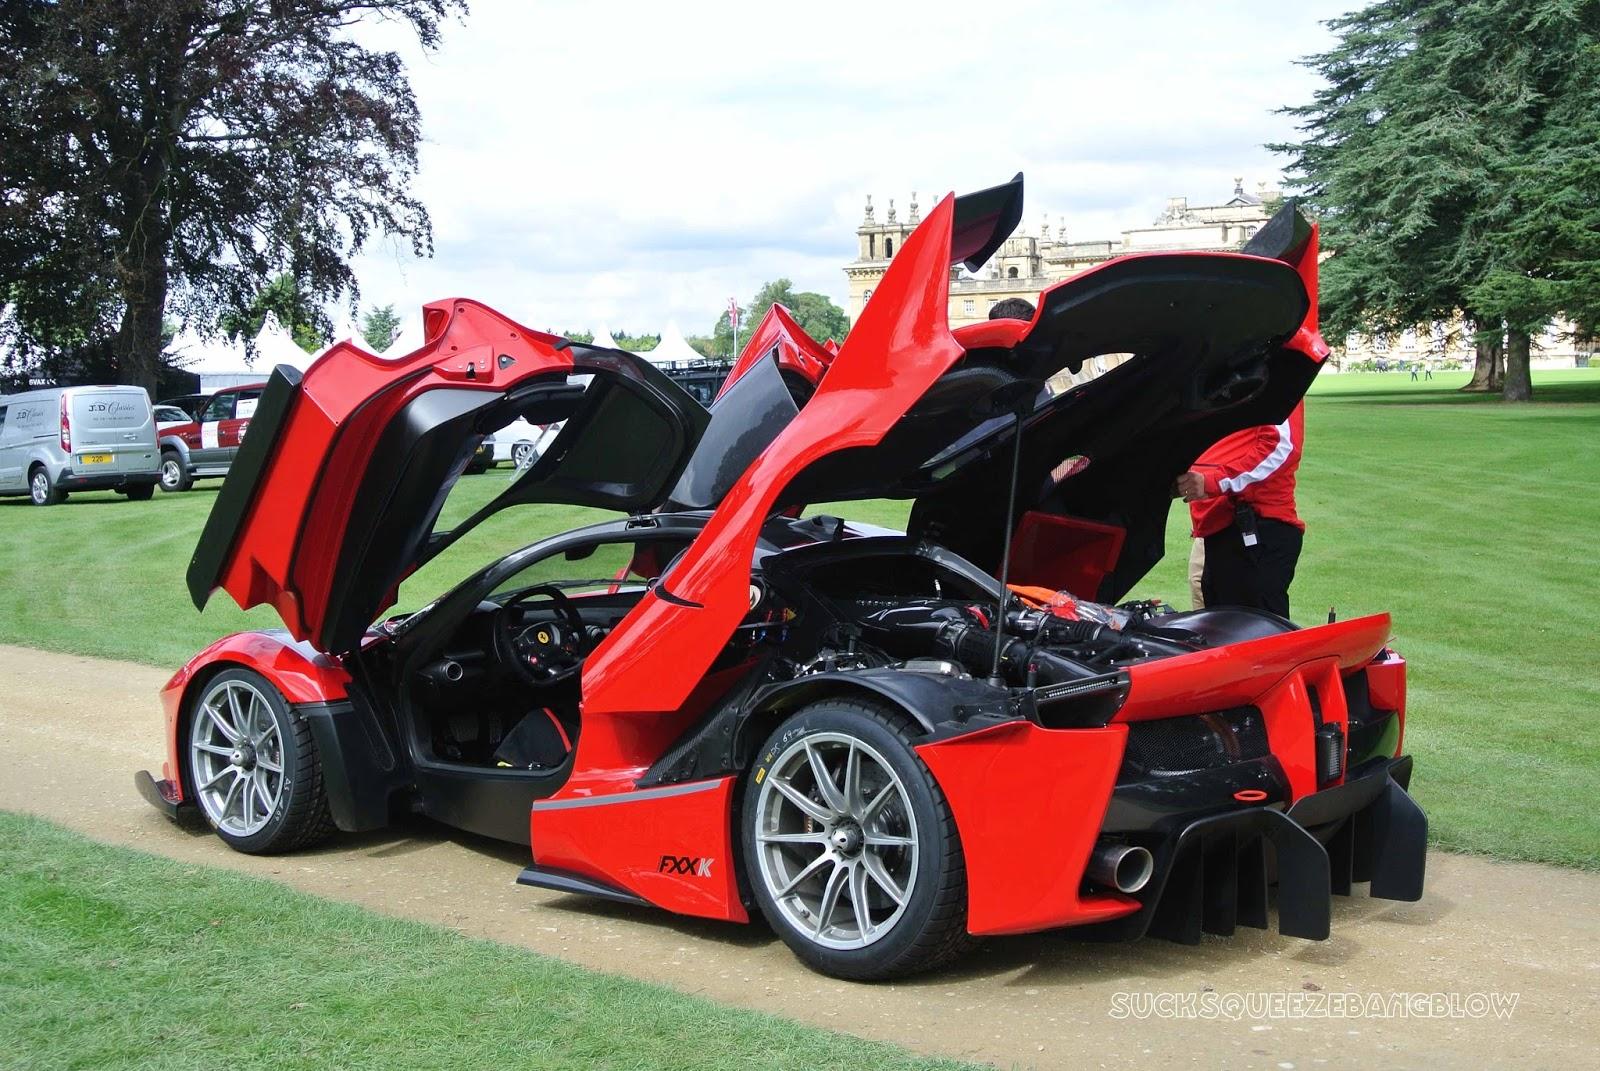 Sucksqueezebangblow Ferrari Fxxk